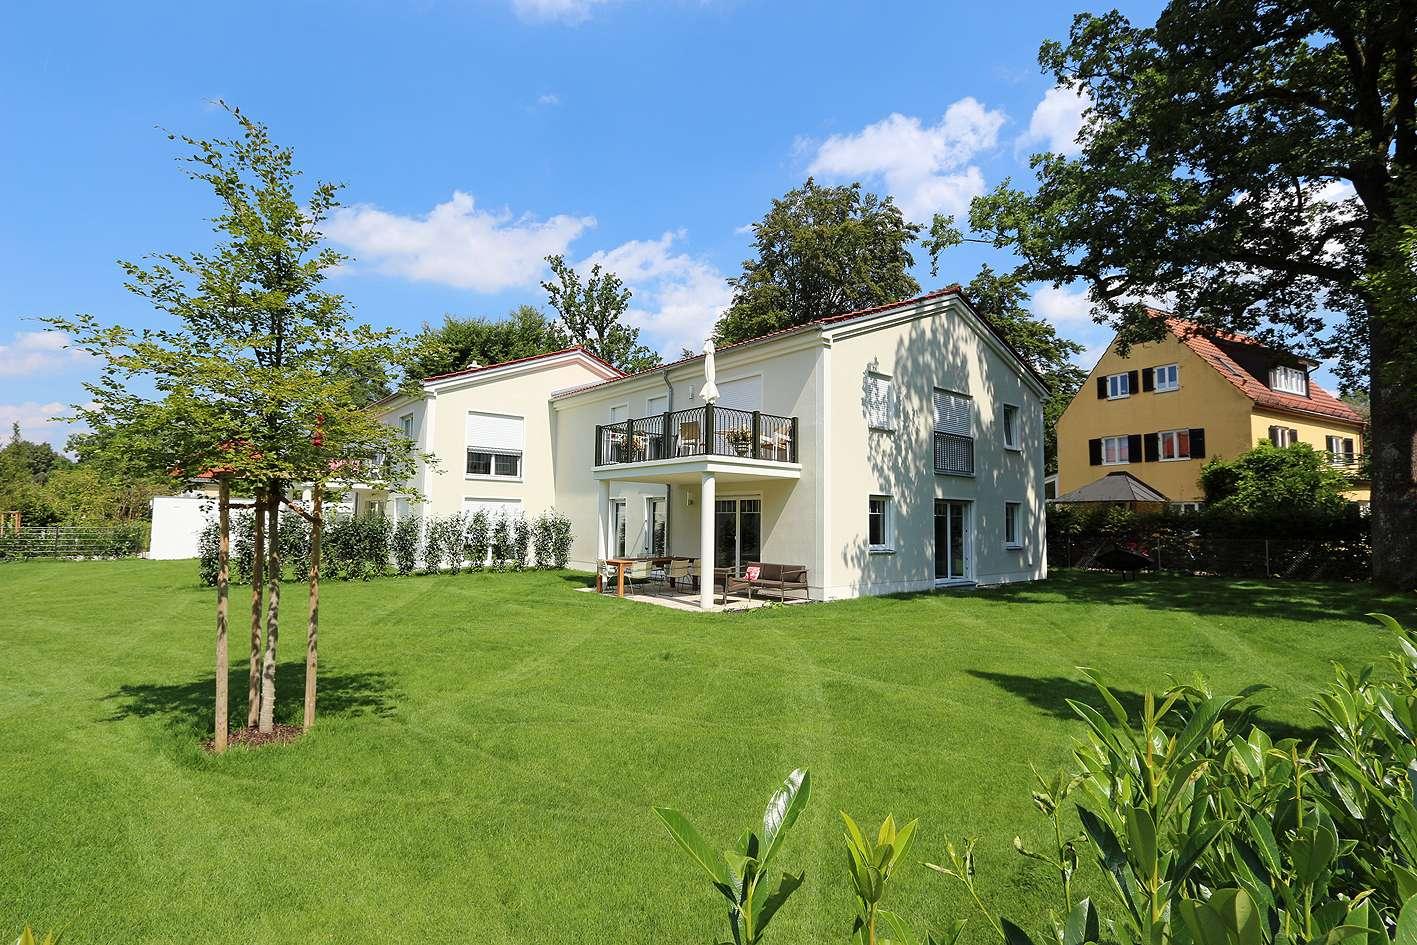 Ruhige, hochwertige 3-Zimmer Wohnung mit Gartenanteil in Waldkolonie Gauting